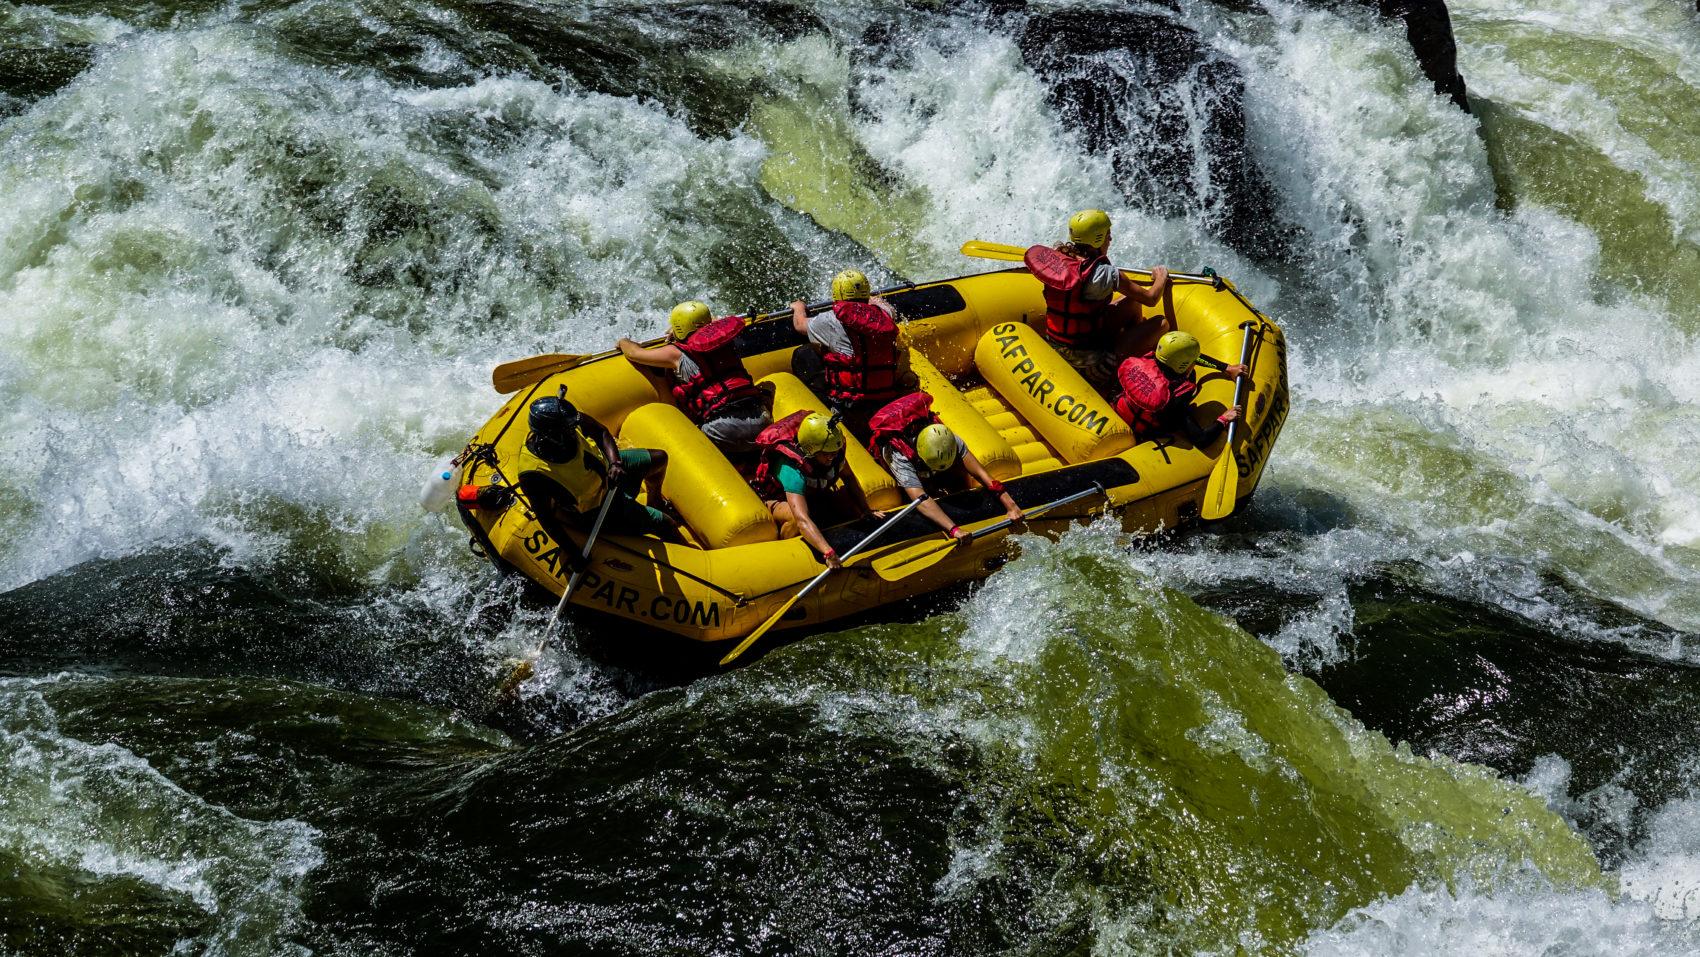 Riding the wild waters: Zambezi White Water Festival 2018